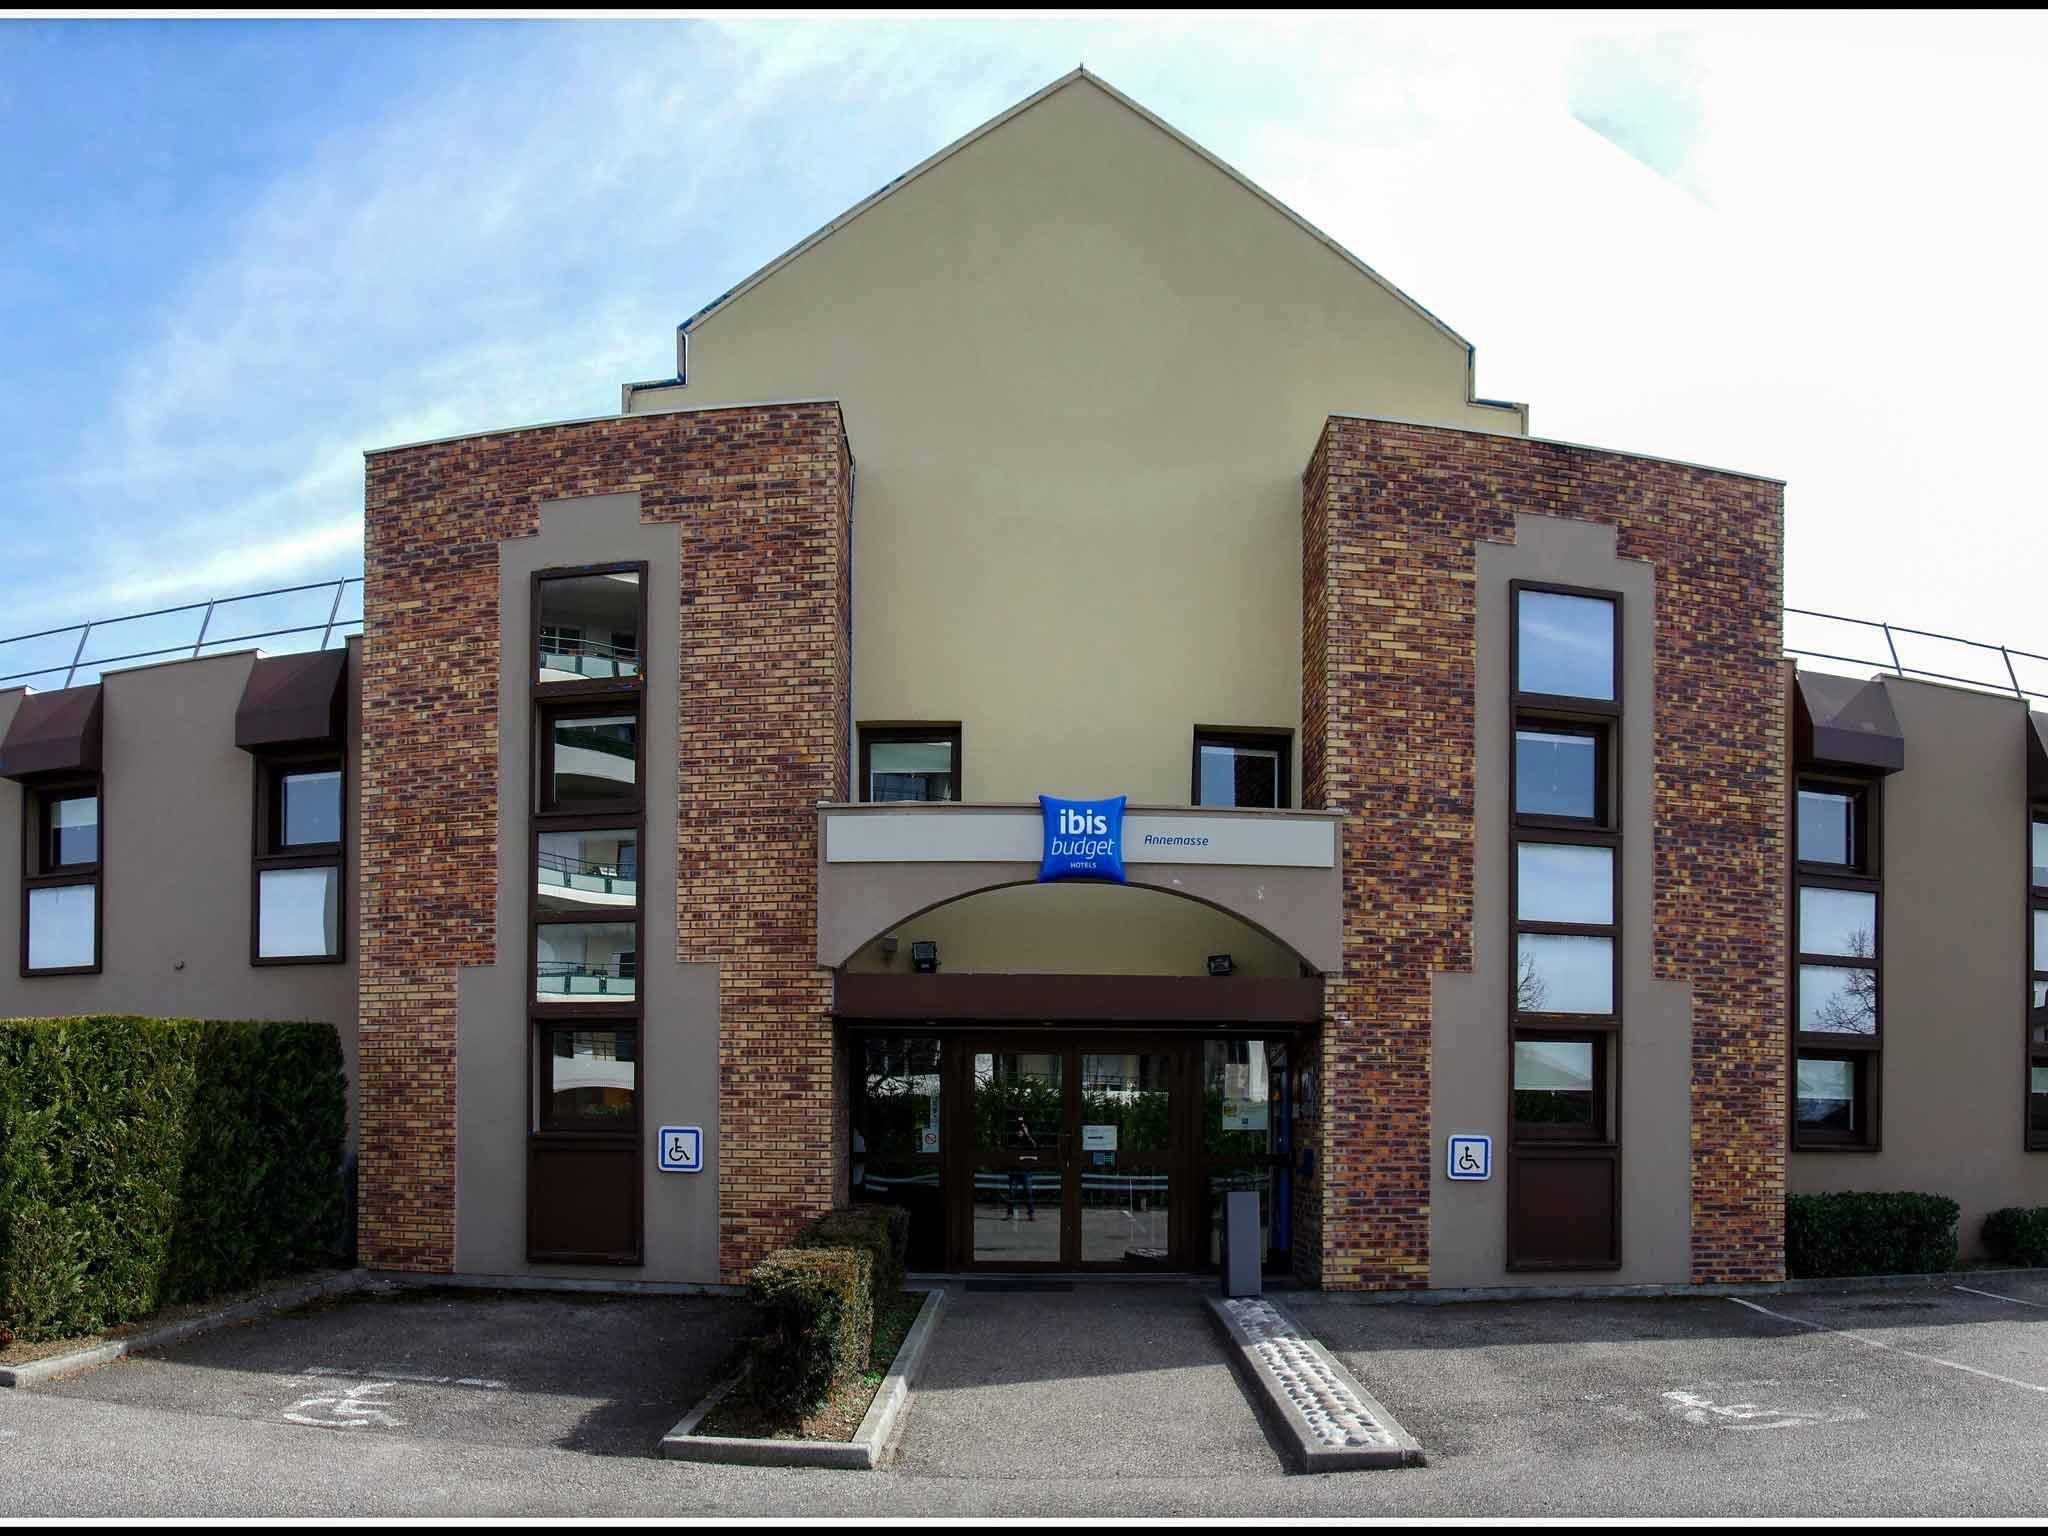 Hotel – ibis budget Annemasse Geneve